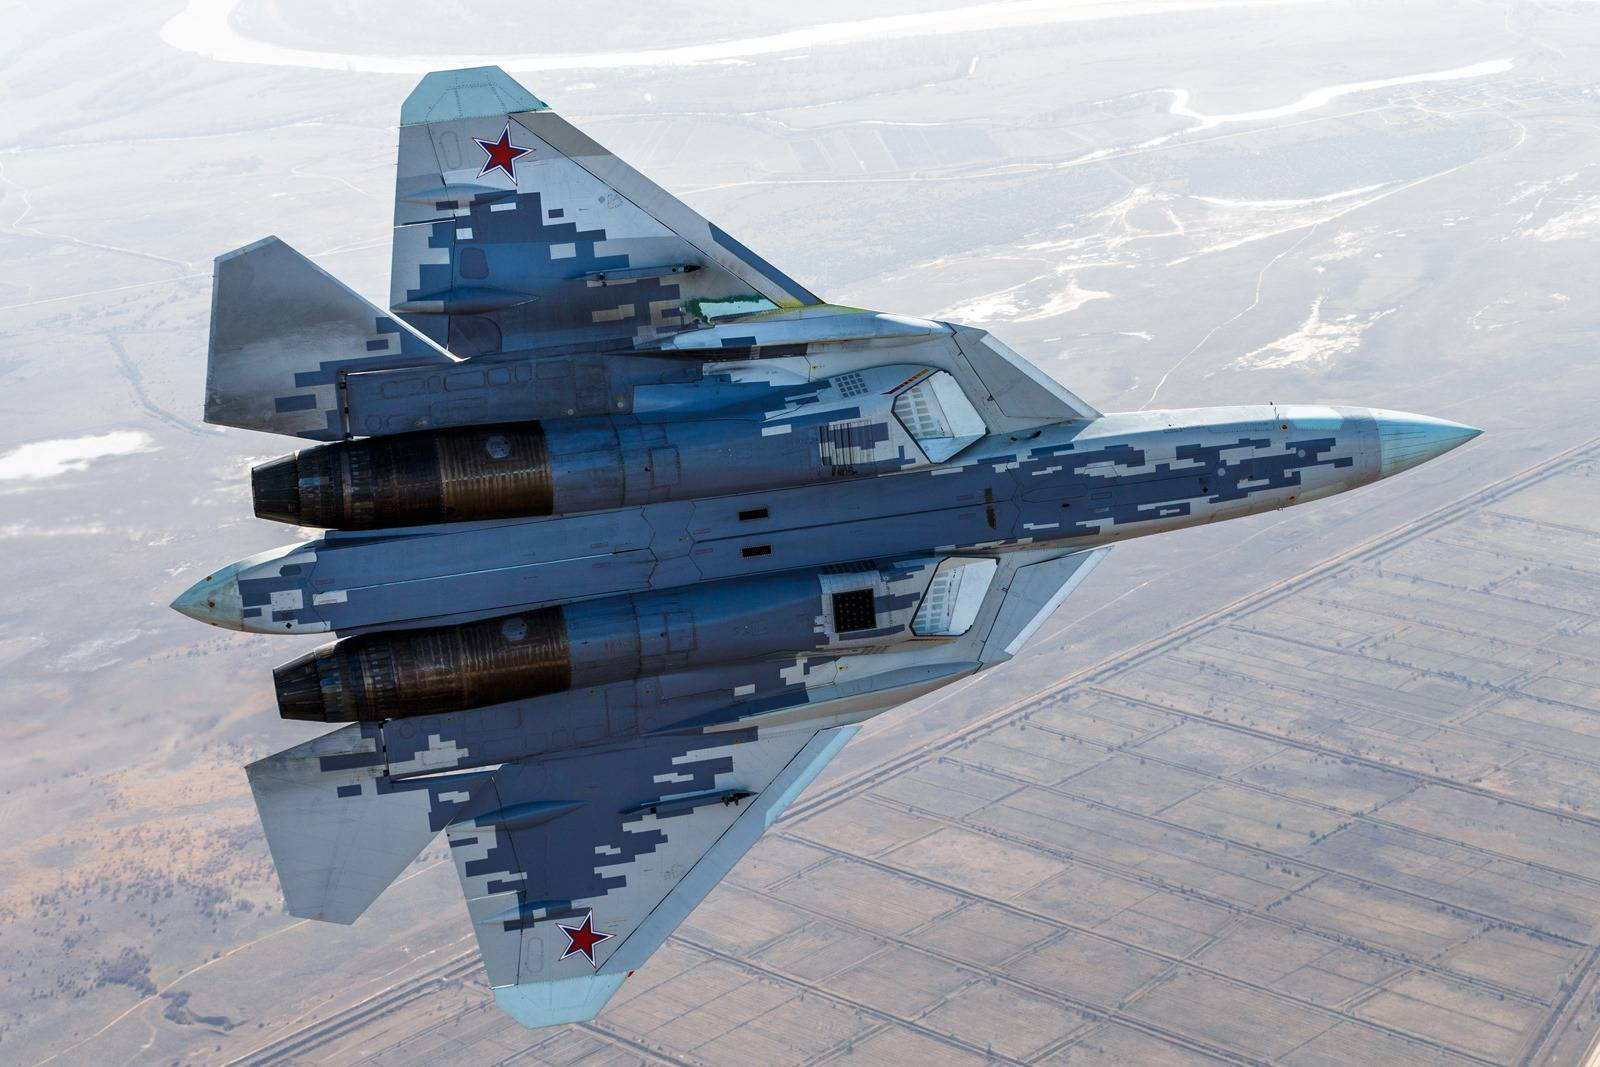 Истребитель пятого поколения Су-57 (ПАК ФА Т-50)